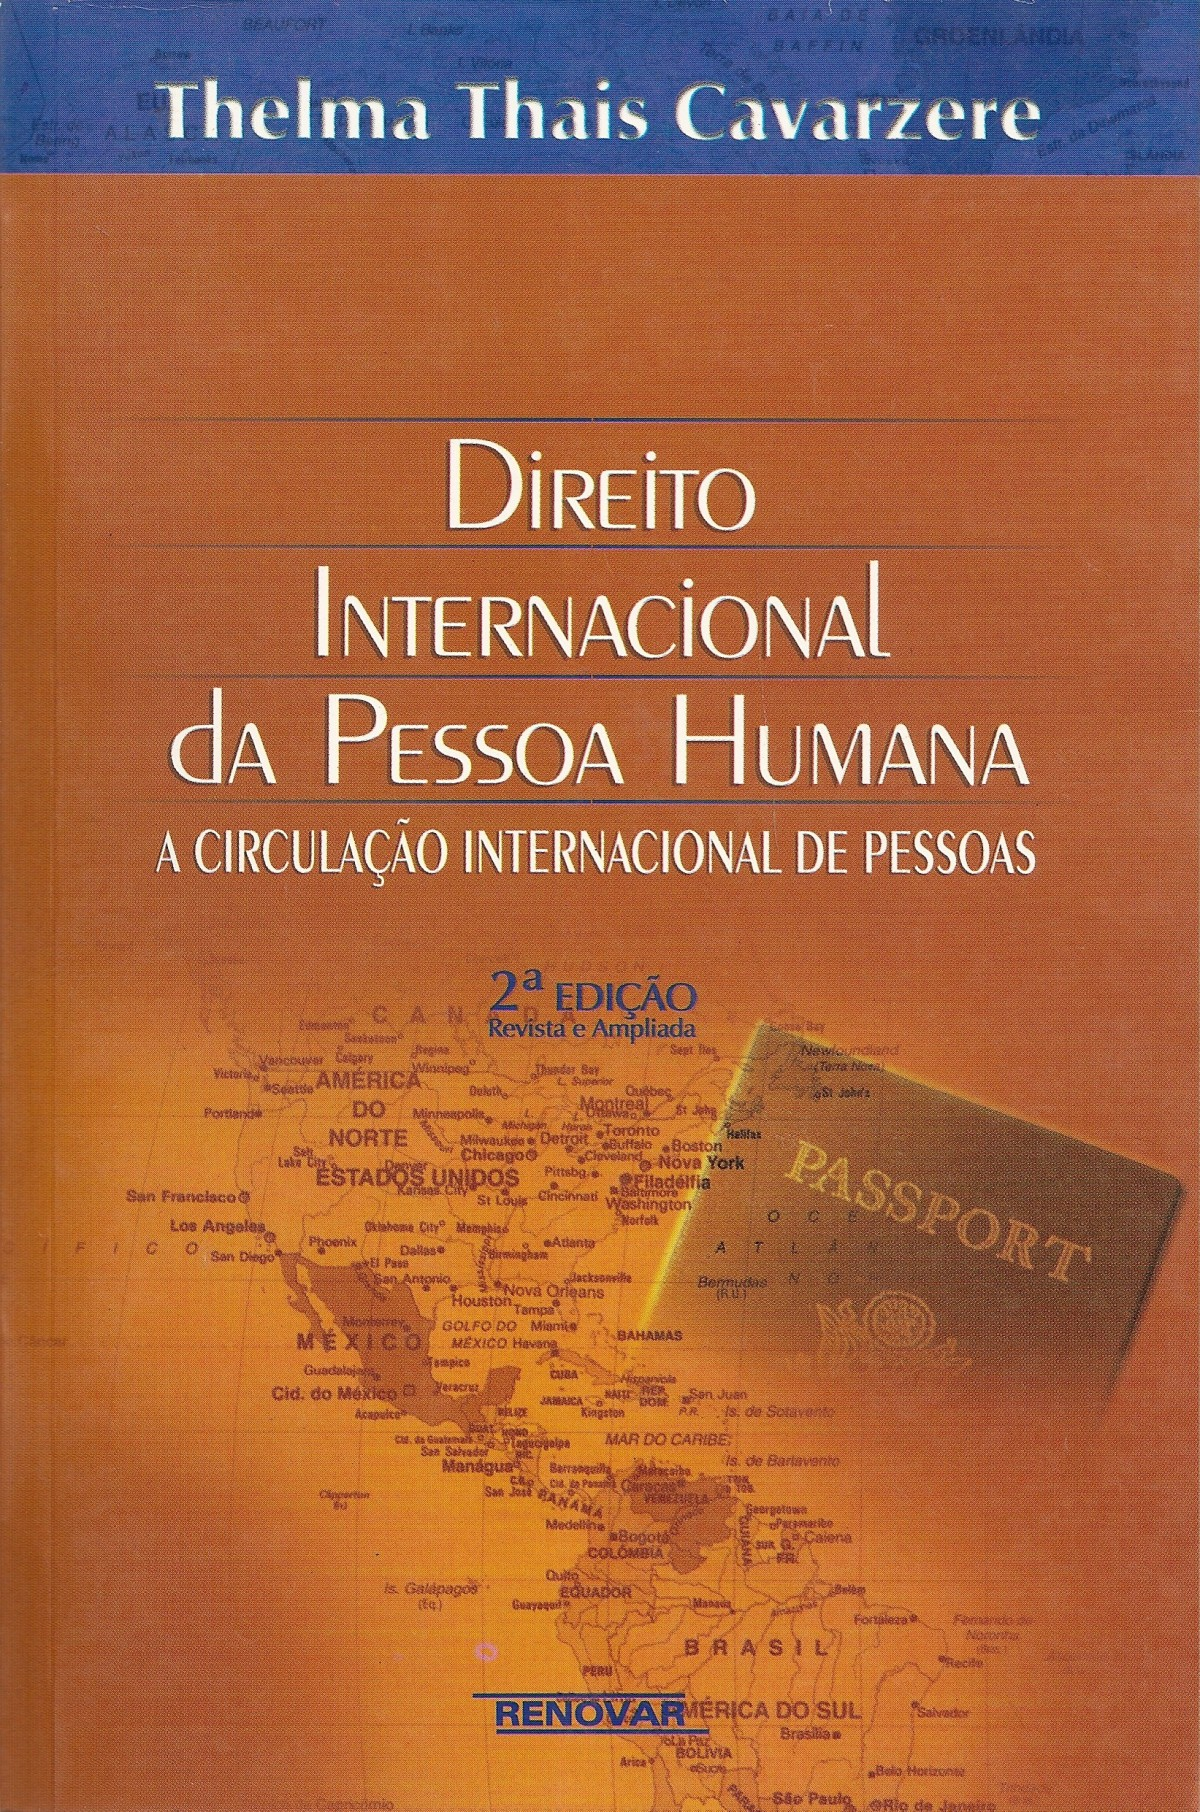 Foto 1 - Direito Internacional da Pessoa Humana - A Circulação Internacional de Pessoas